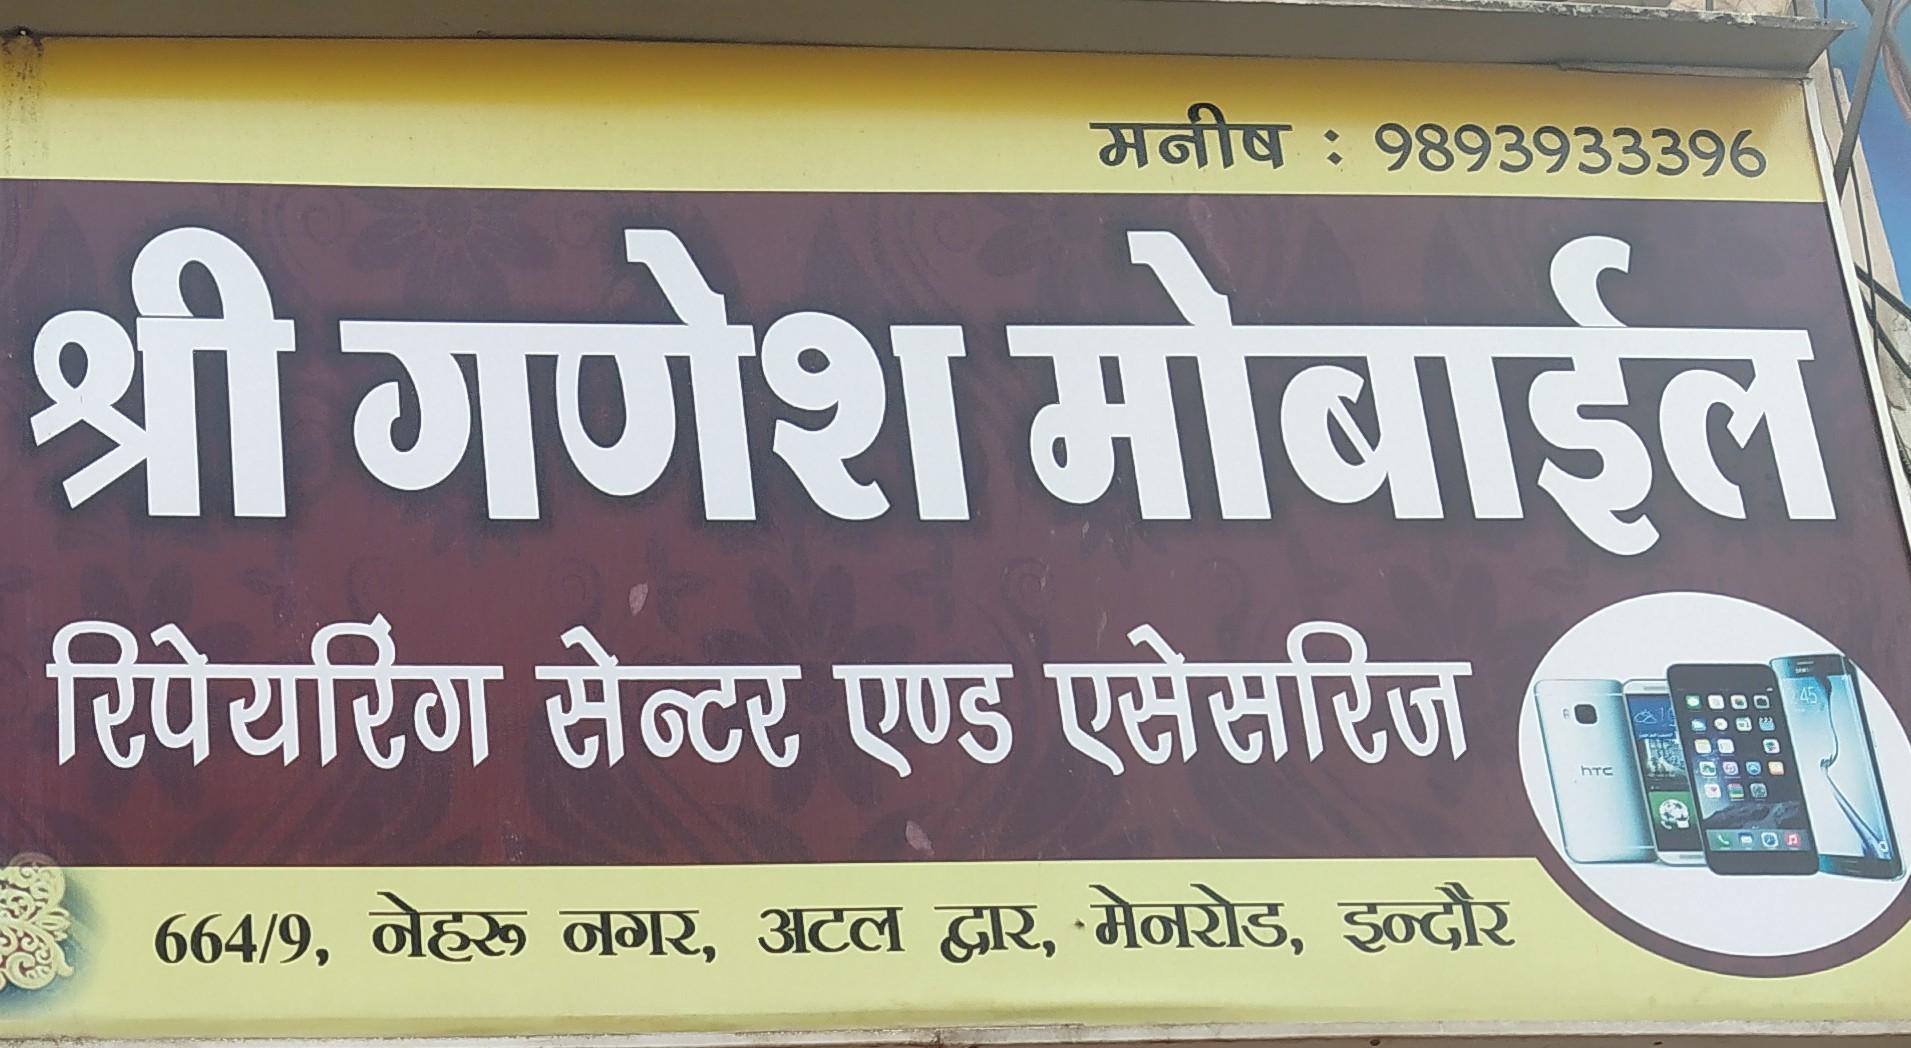 Shree Ganesh mobile